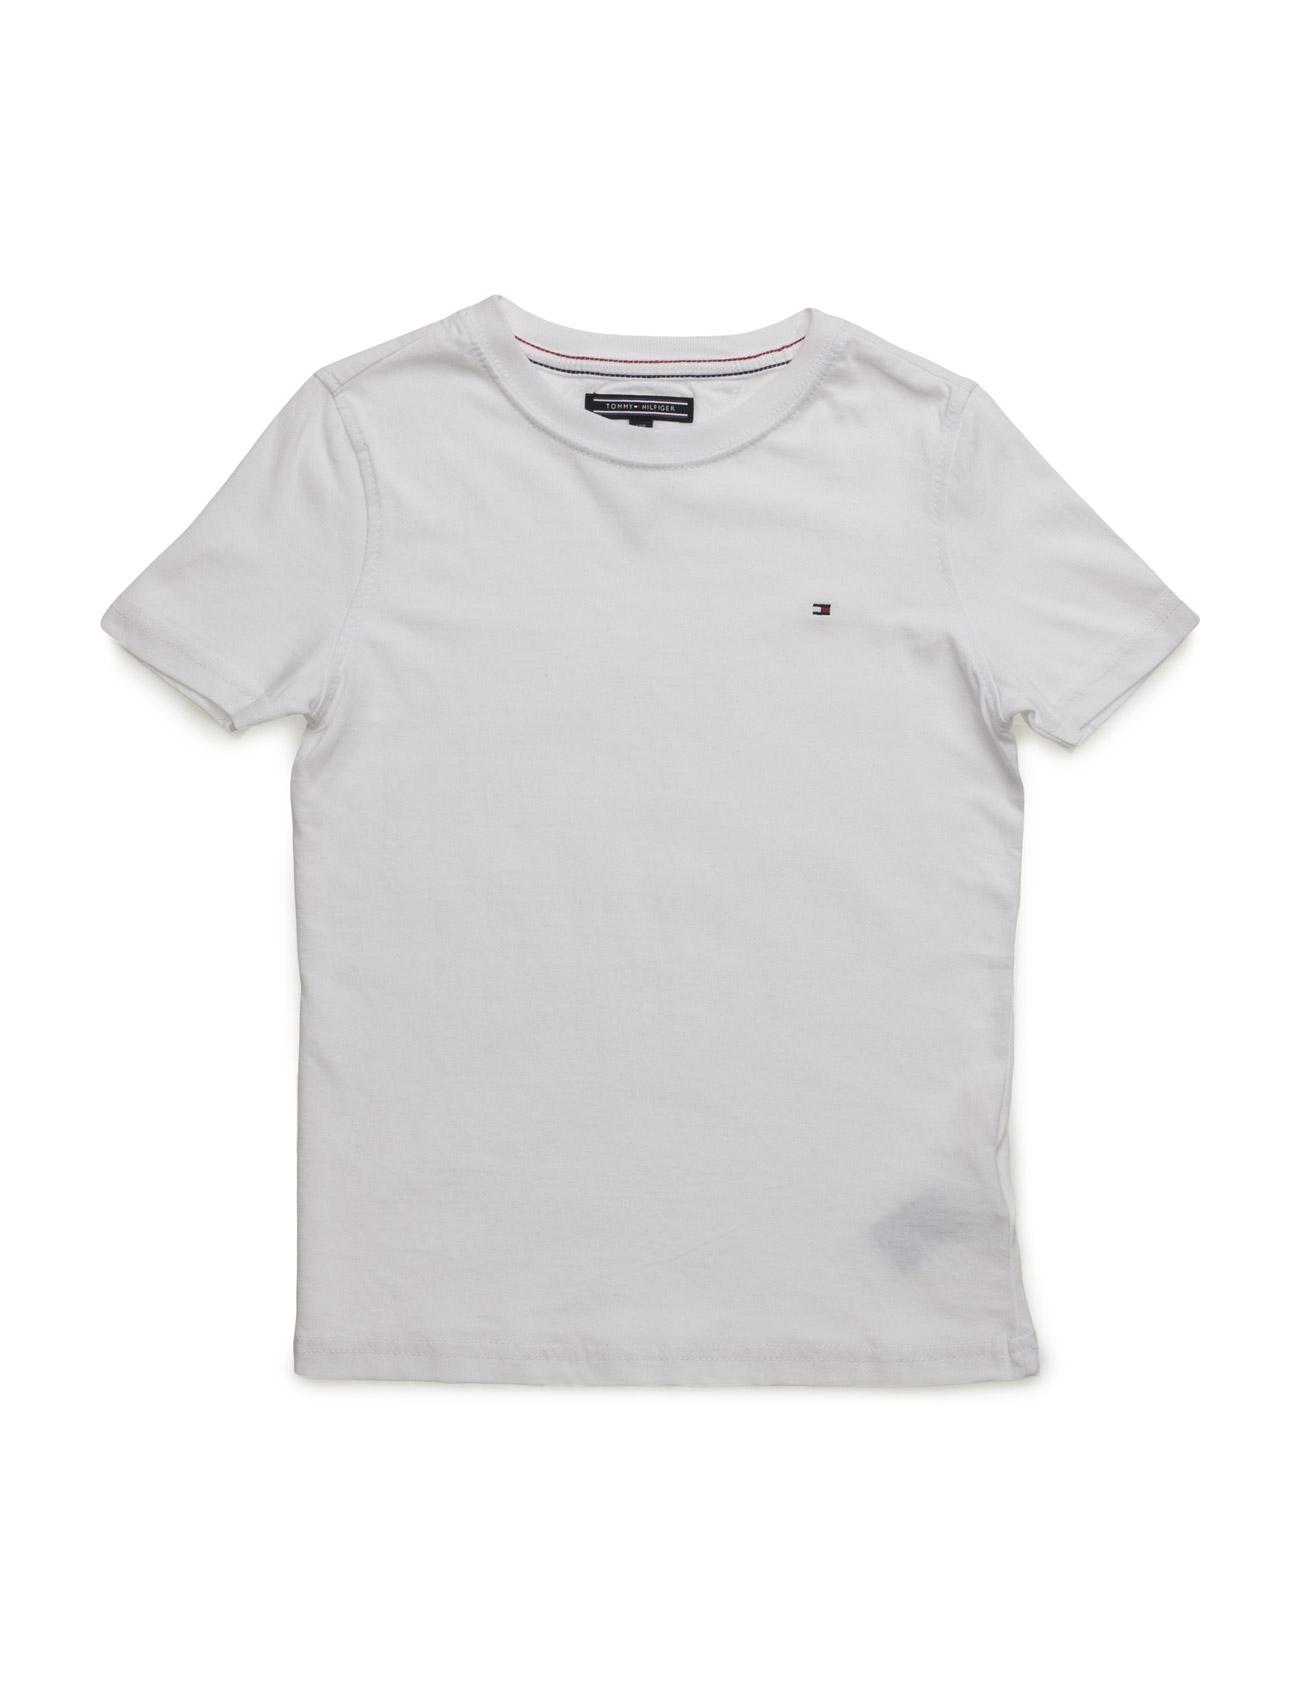 Original Cn Tee S/S. Tommy Hilfiger Kortærmede t-shirts til Børn i Grå